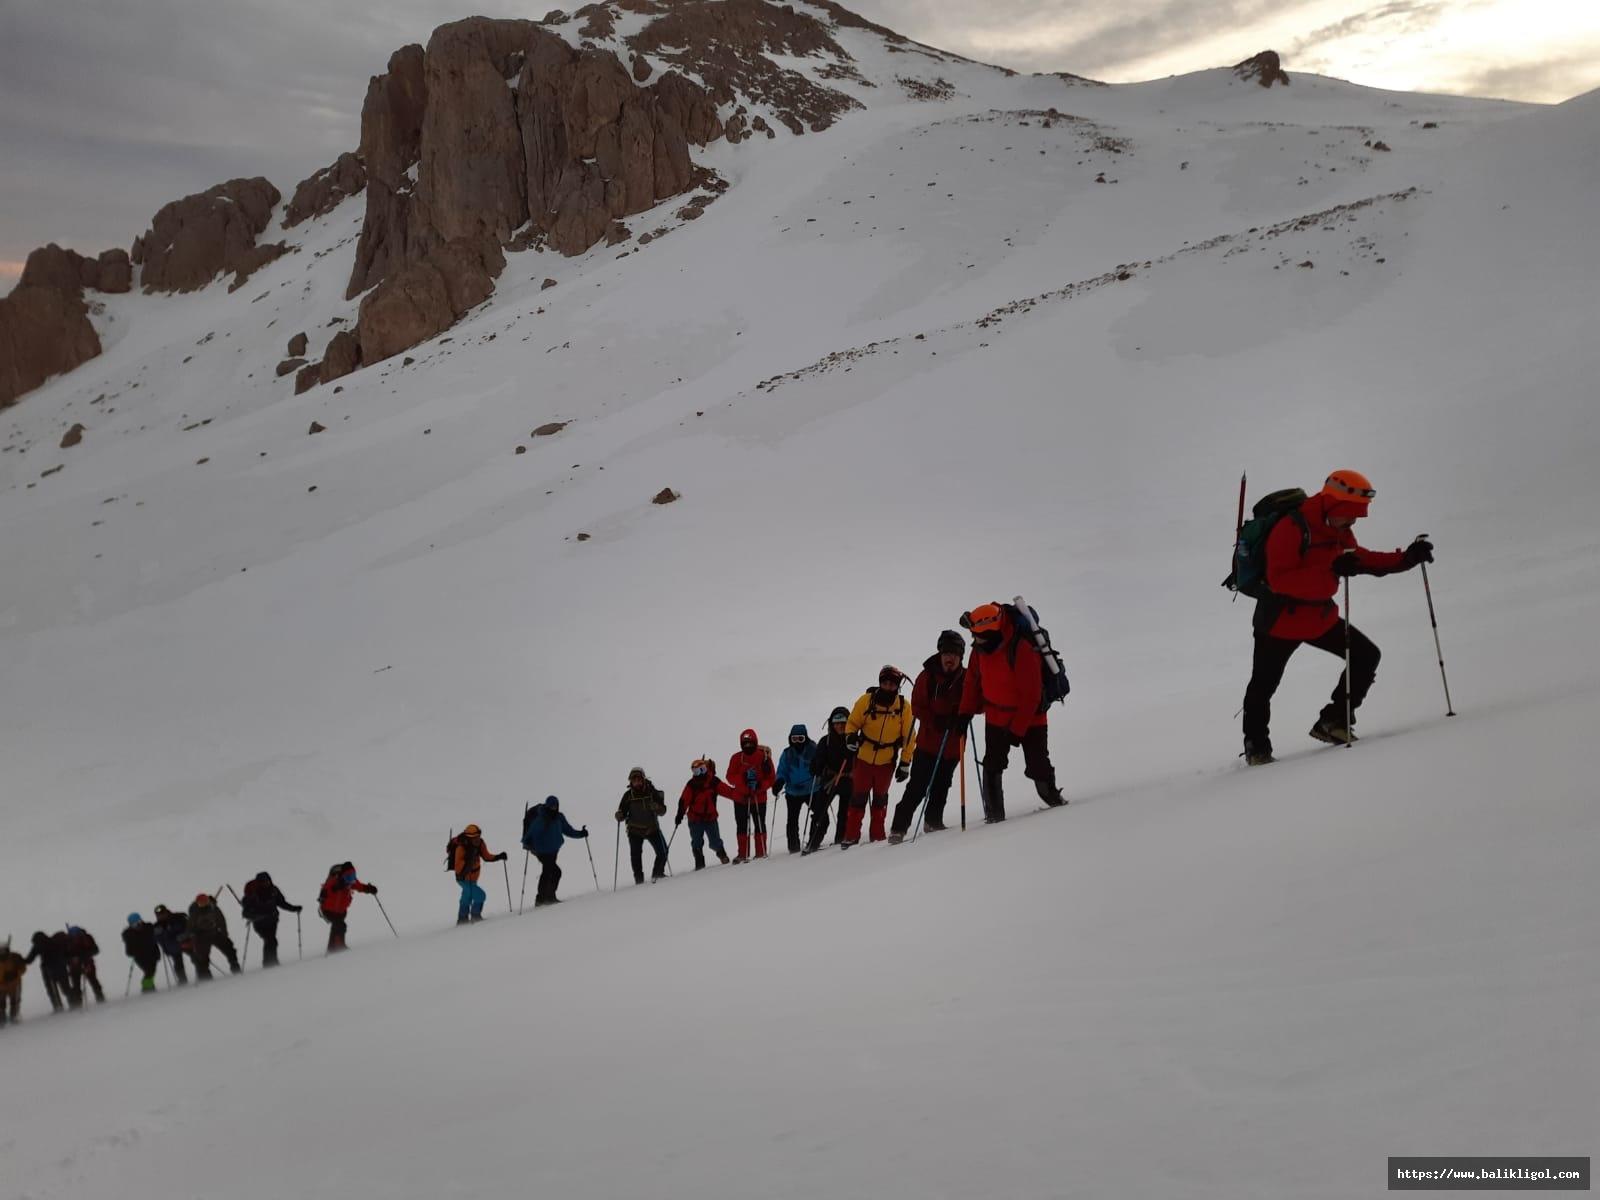 Şanlıurfa Dağcılar Berit dağına tırmanarak zirve yaptılar